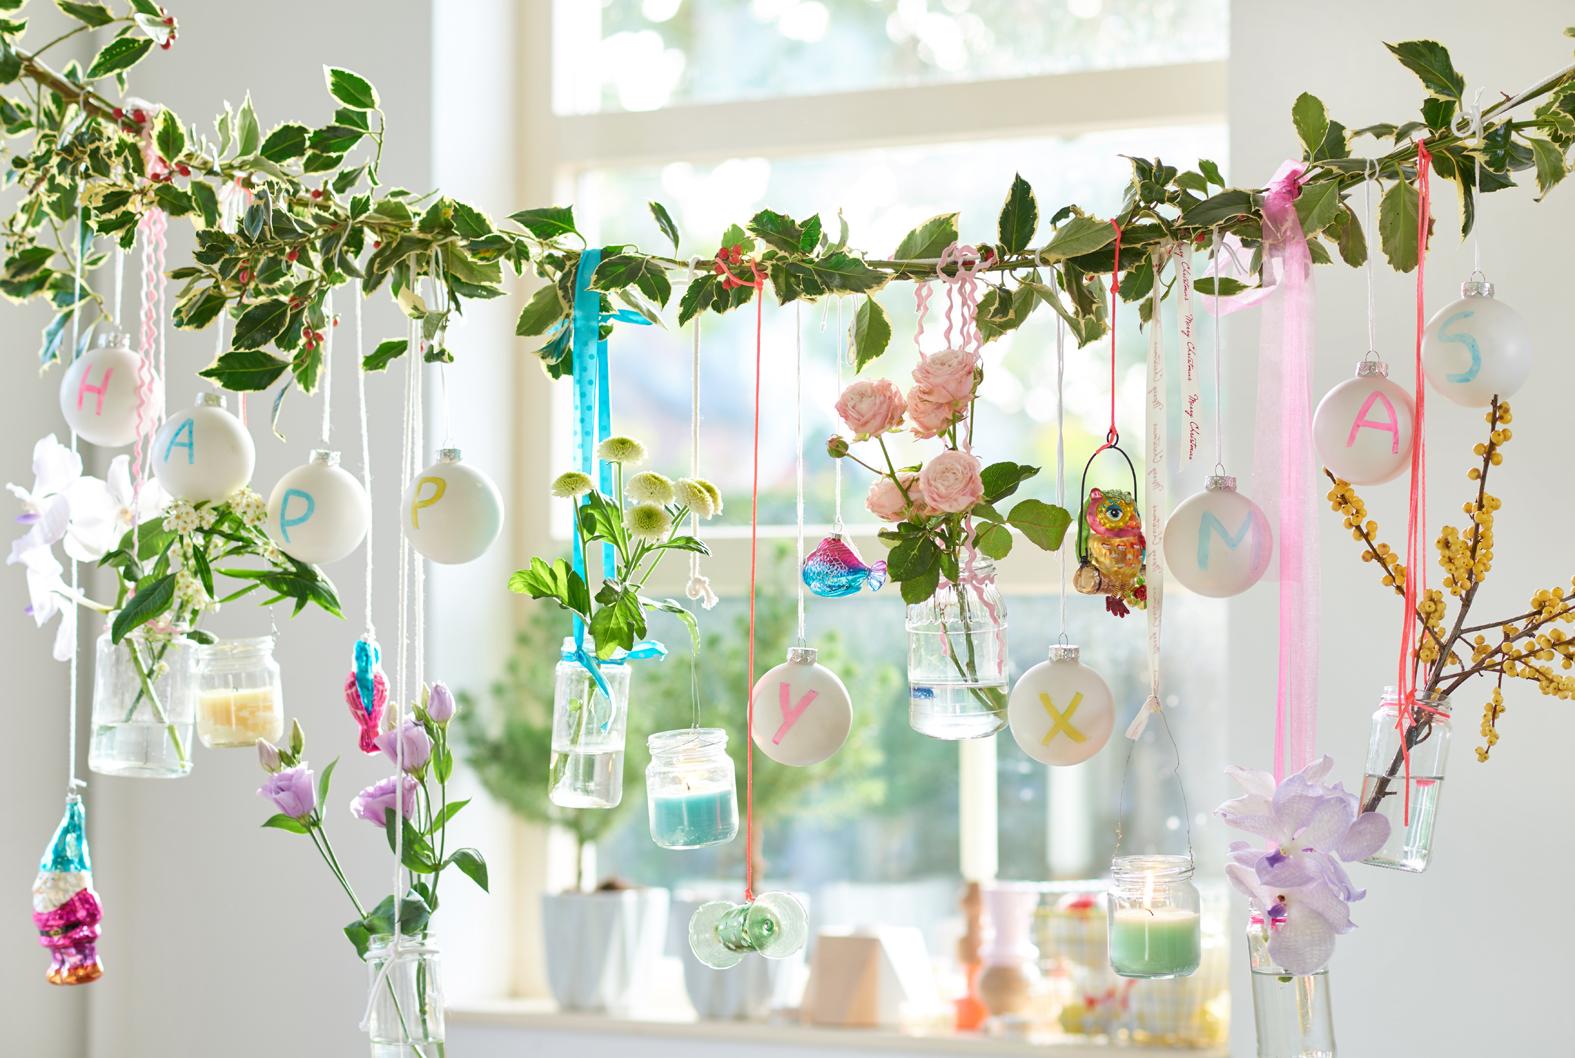 groen wonen kerst decoratie planten bloemen trends. Black Bedroom Furniture Sets. Home Design Ideas